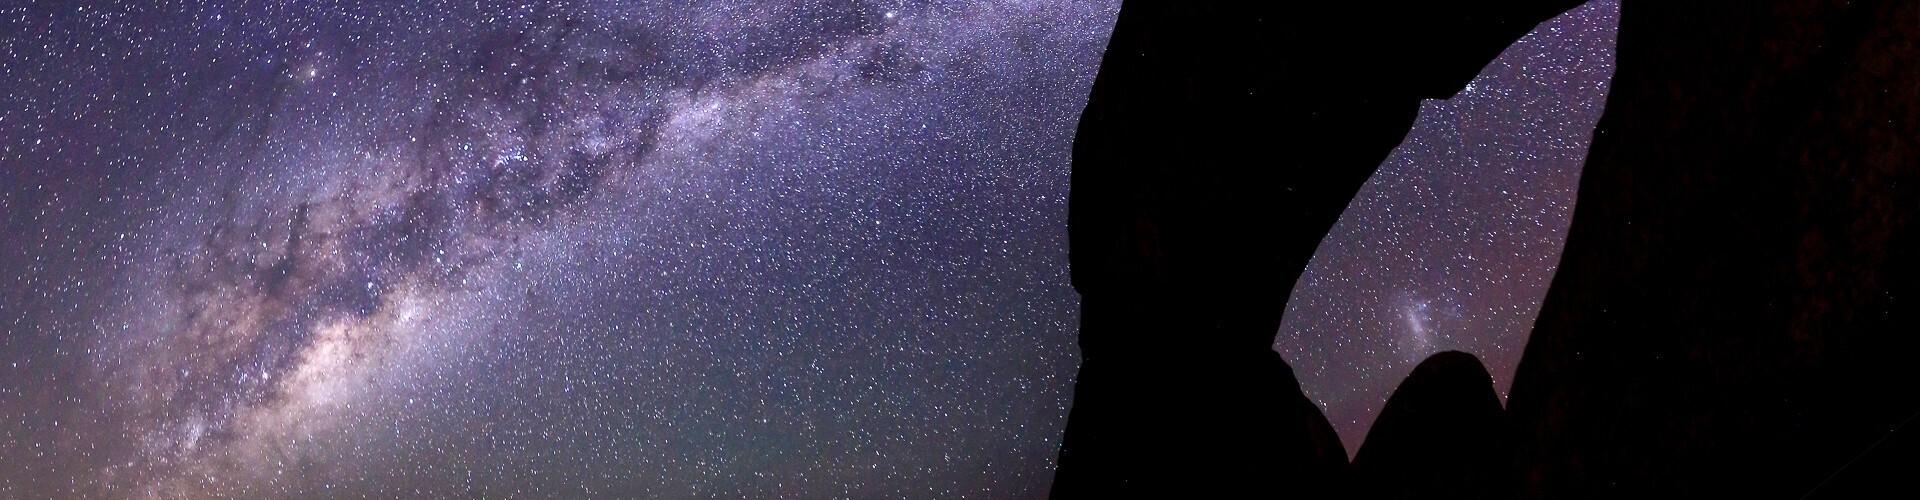 voyage photo photo de nuit vincent frances header